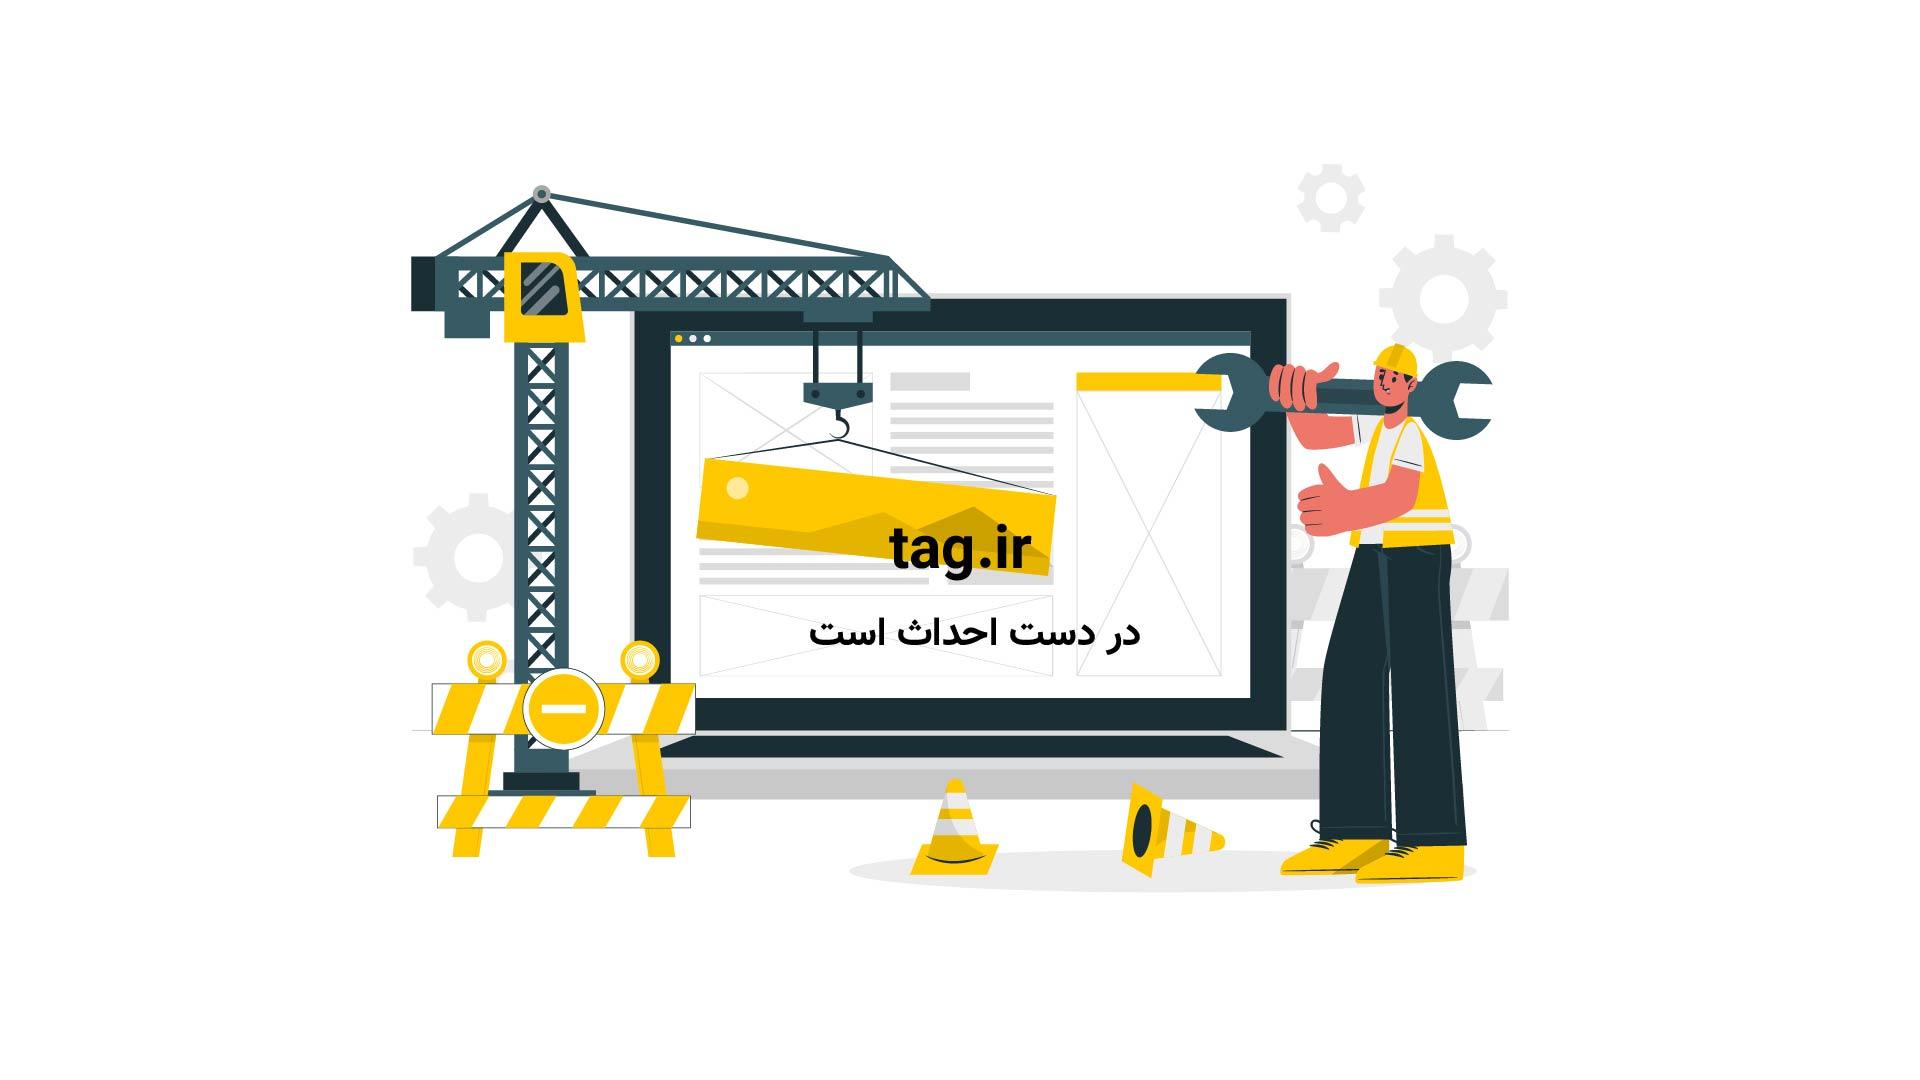 فرار خودرو از دست راننده در بزرگراهی در سوئیس | فیلم